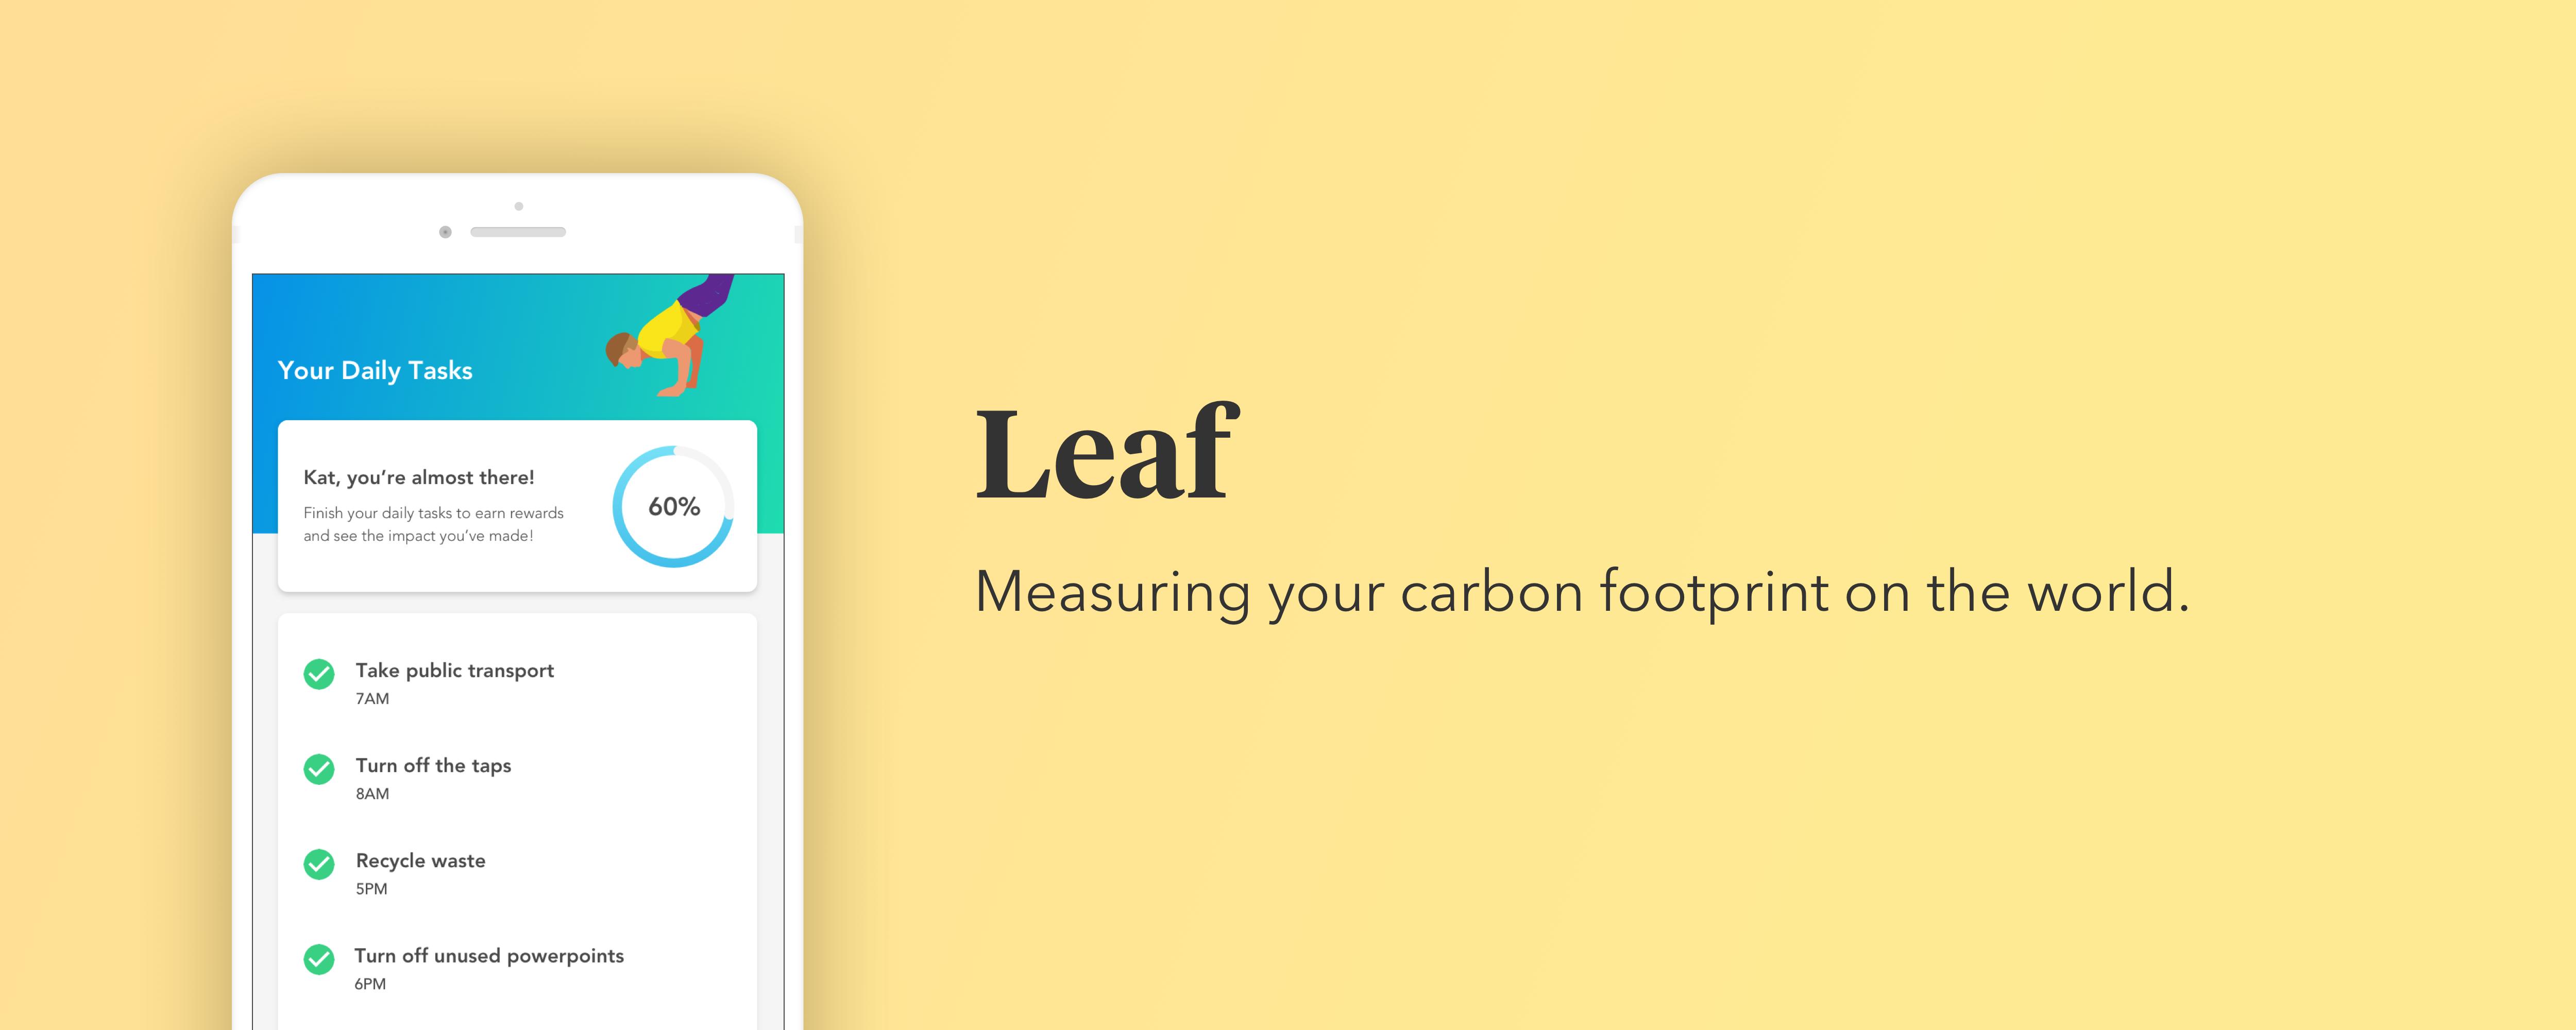 Leaf case study